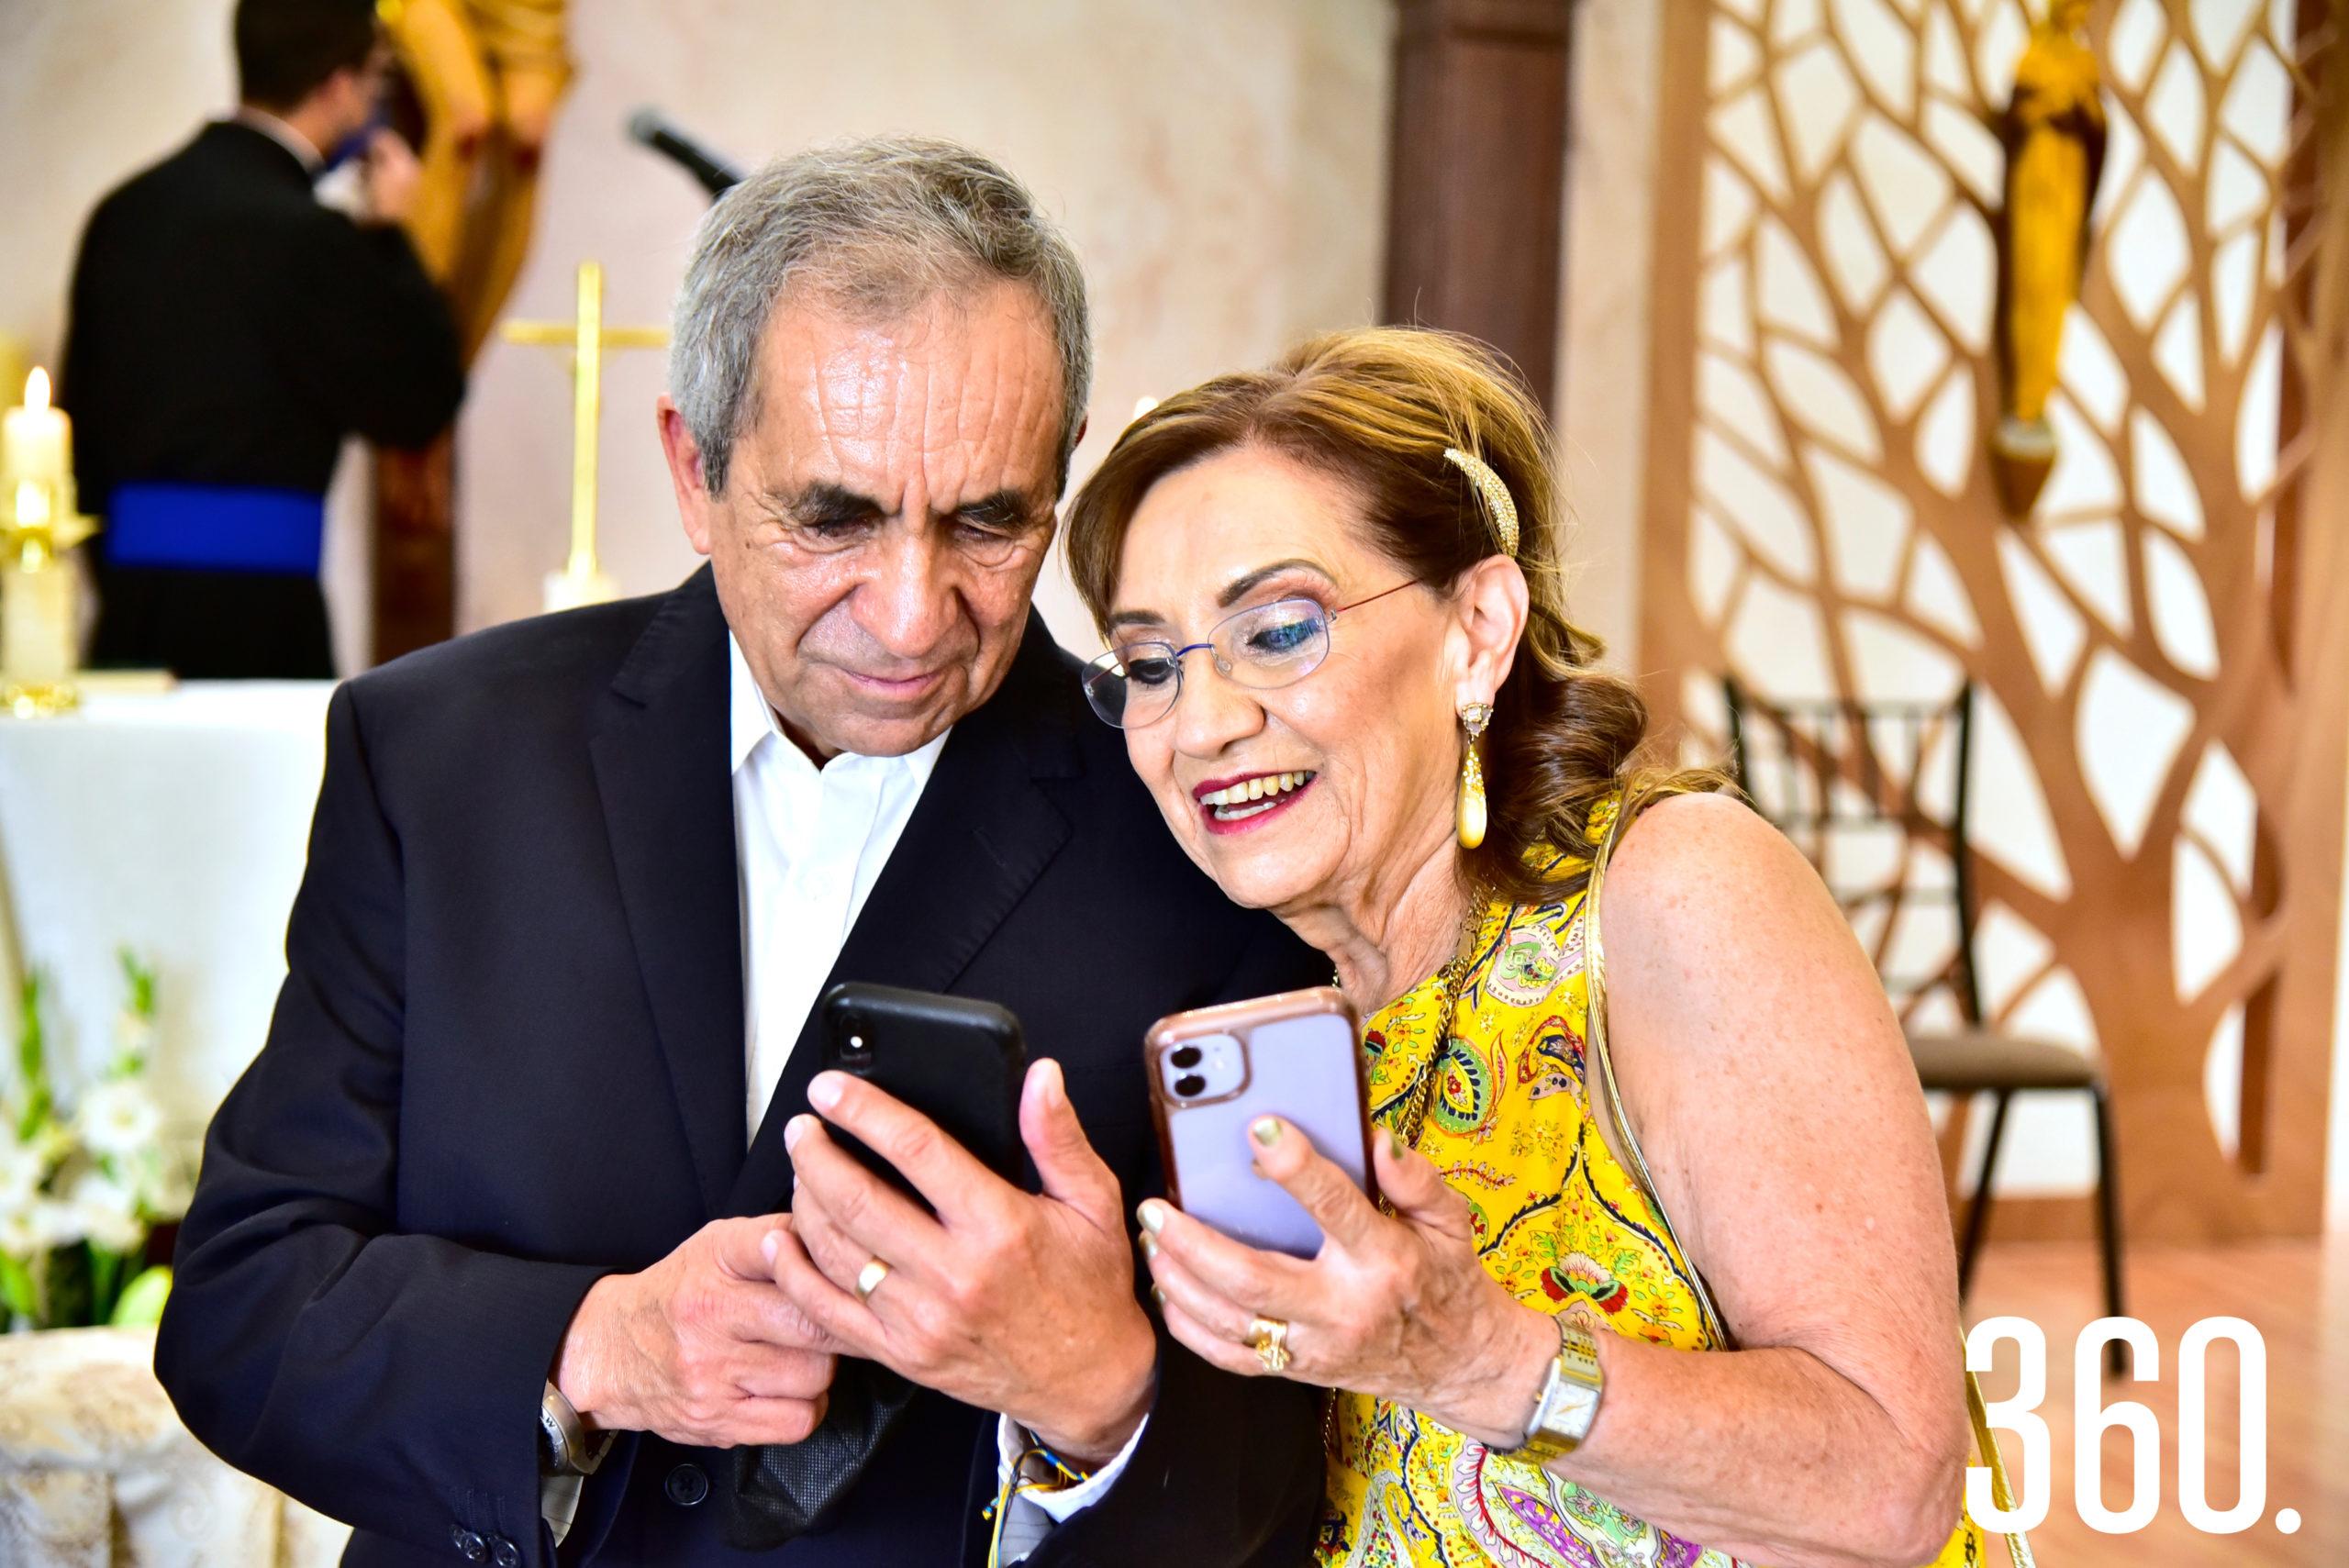 Los festejados viendo sus fotos.